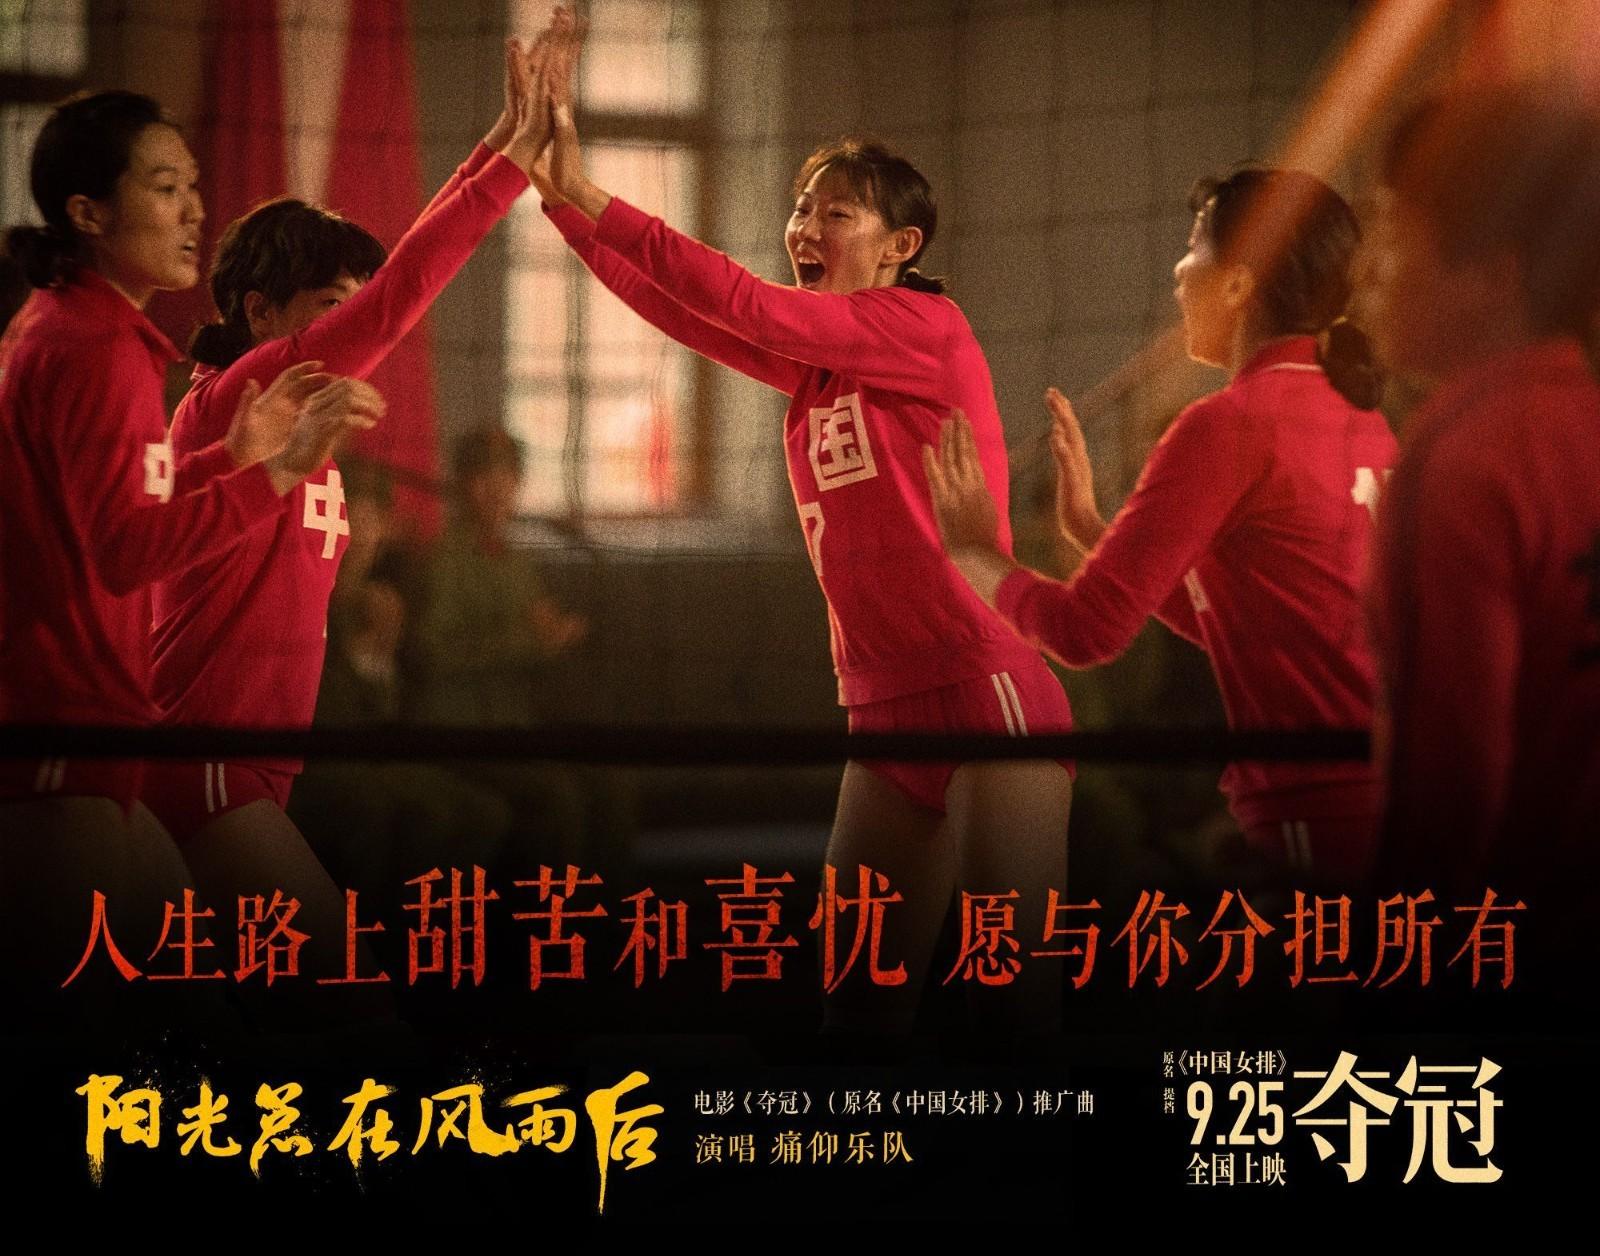 国庆档大片《夺冠》发布新MV 痛仰深情献唱中国女排队歌